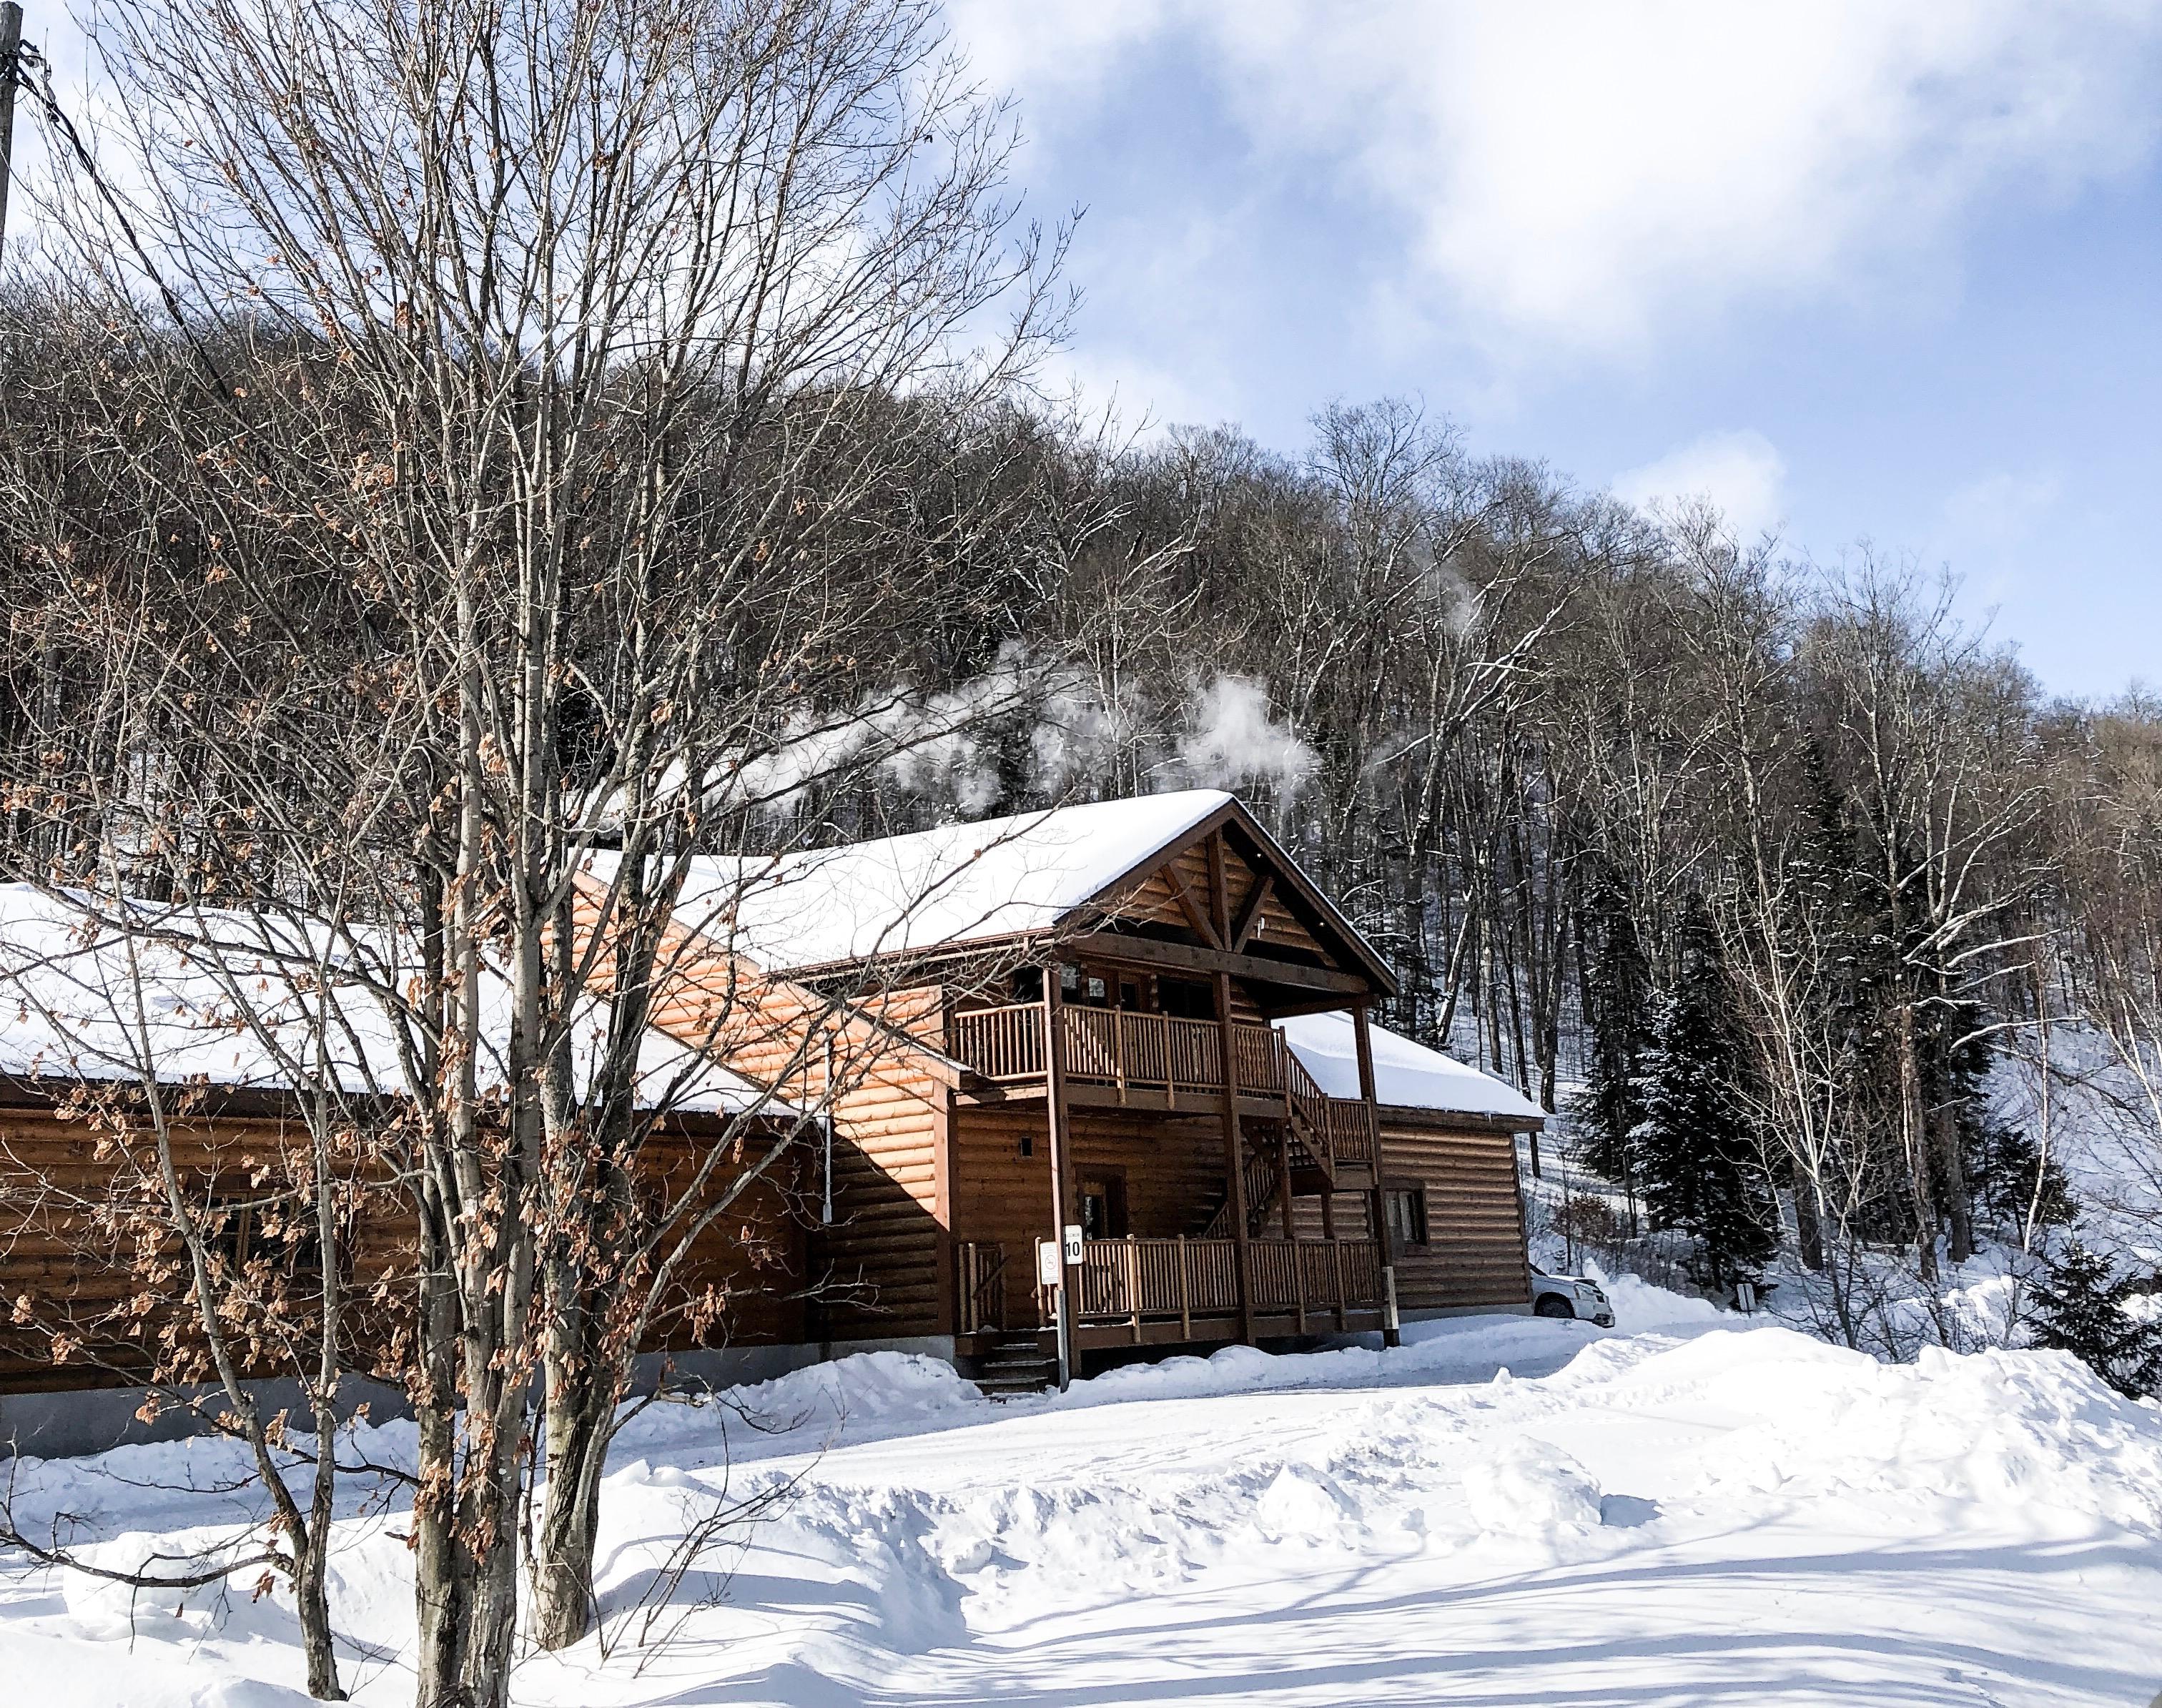 glissades cabane à sucre chalet hiver laurentides famille